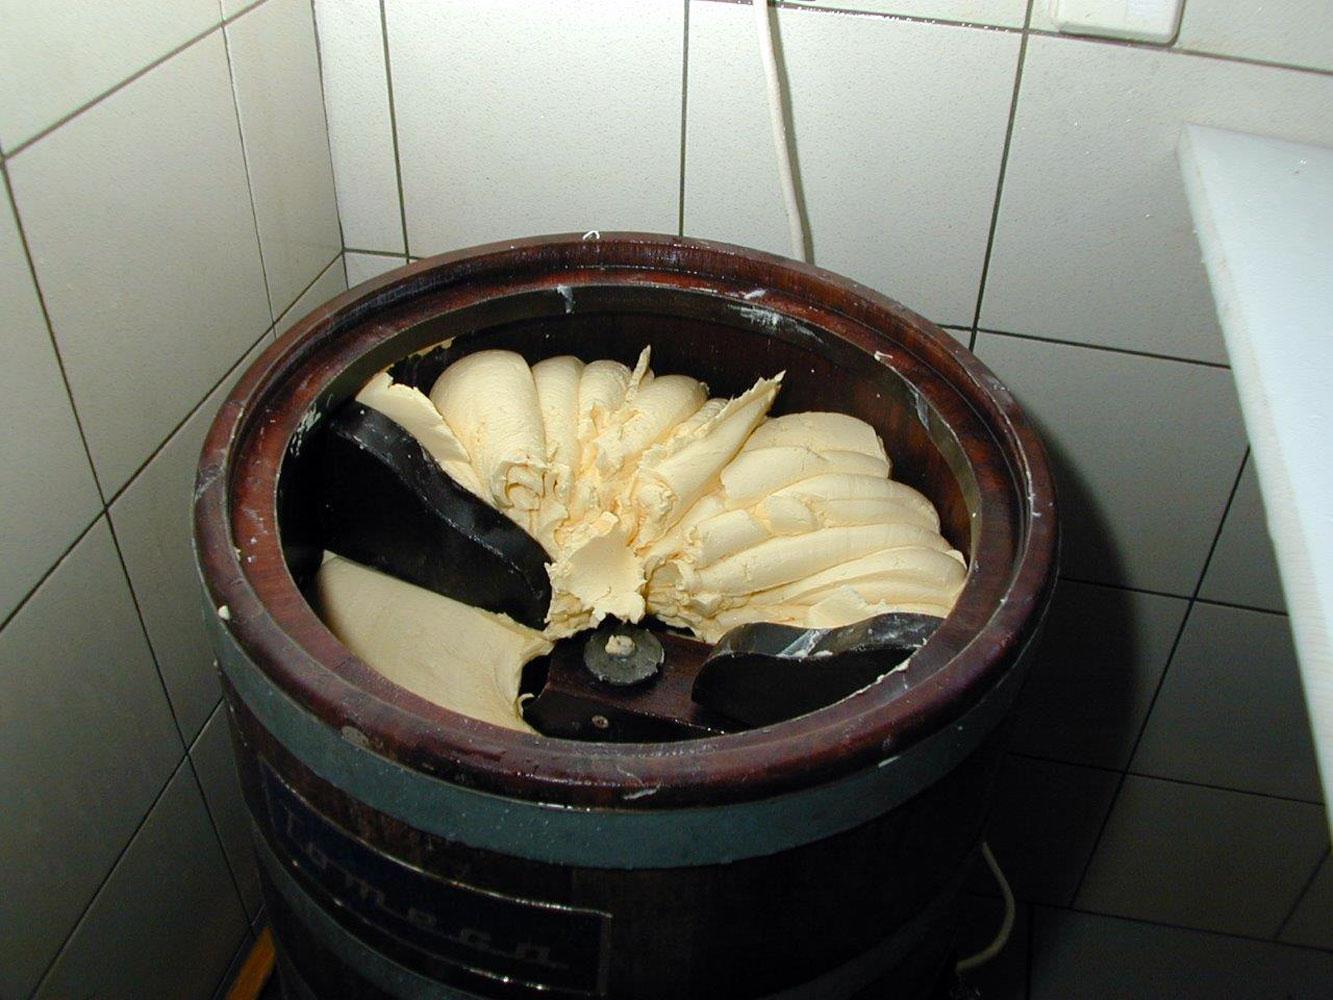 Innere Wiesalpe Kleinwalsertal, Ausflugsziel, Alpe, Brotzeit – Butterherstellung